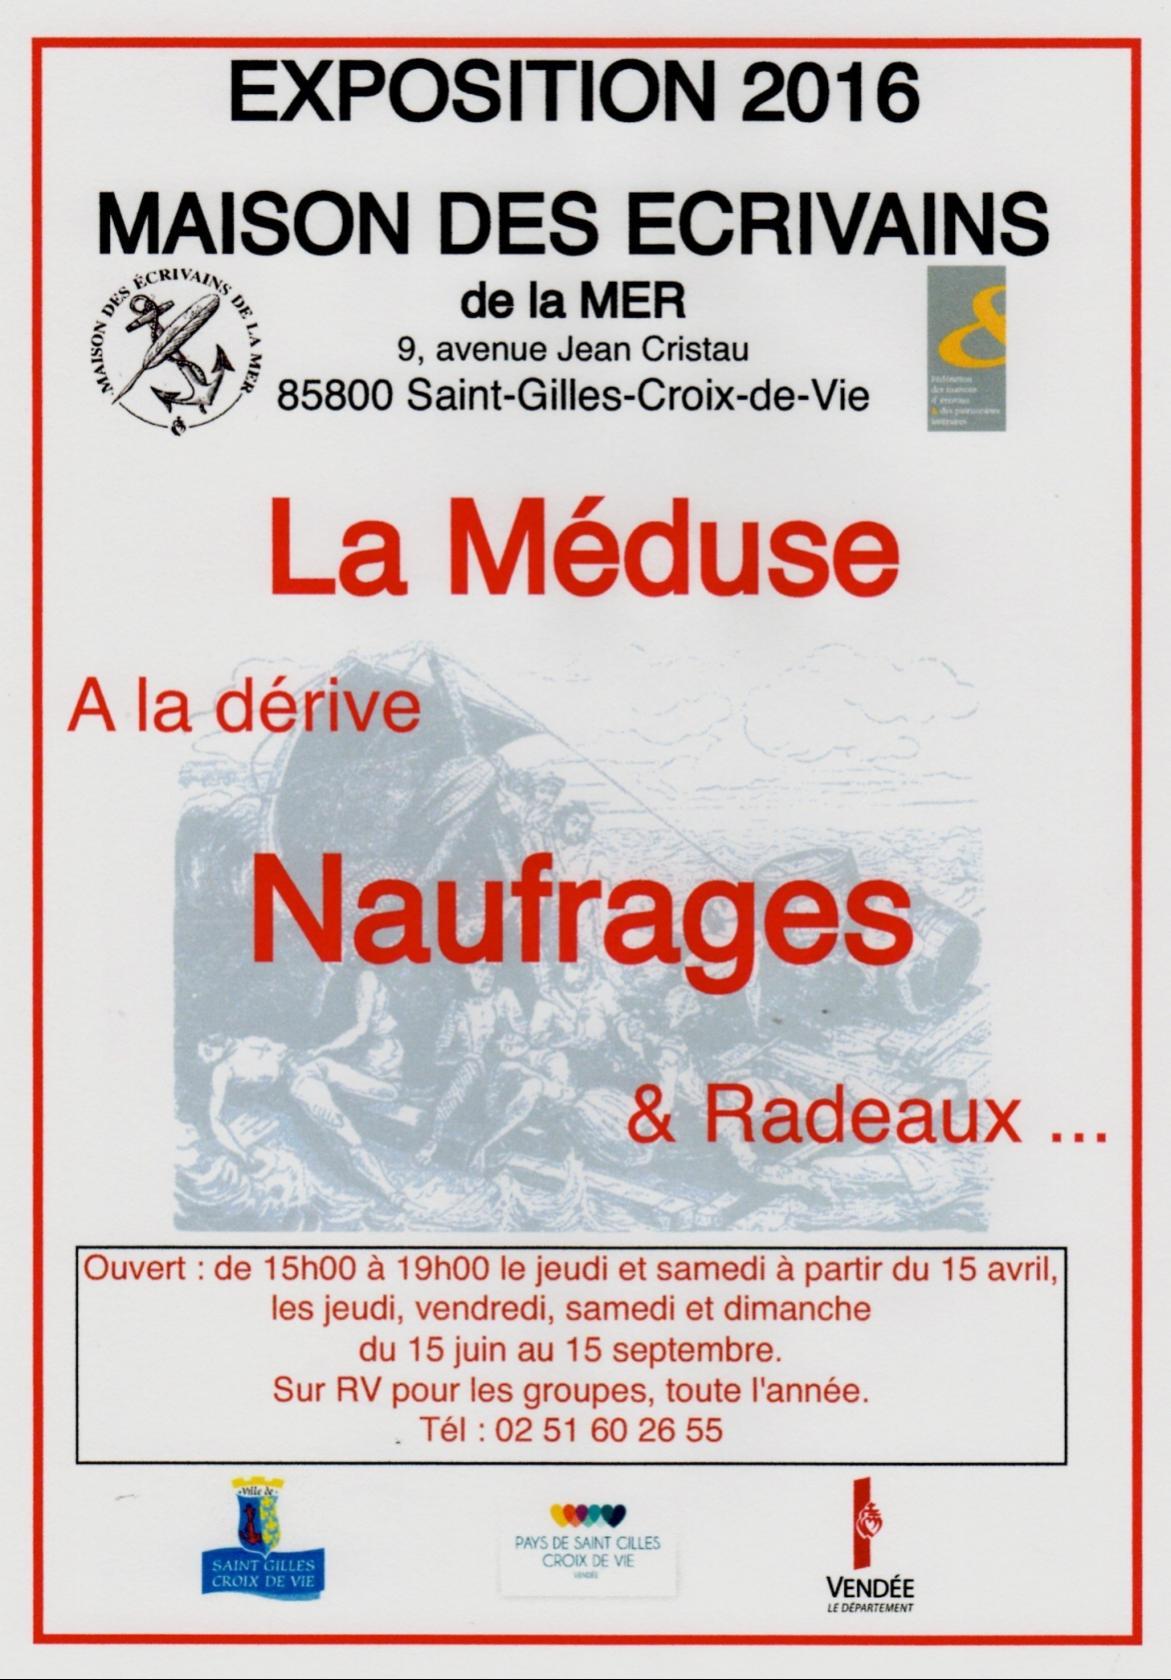 ''La Méduse'', à la dérive, naufrages et radeaux Saint-Gilles-Croix-de-Vie